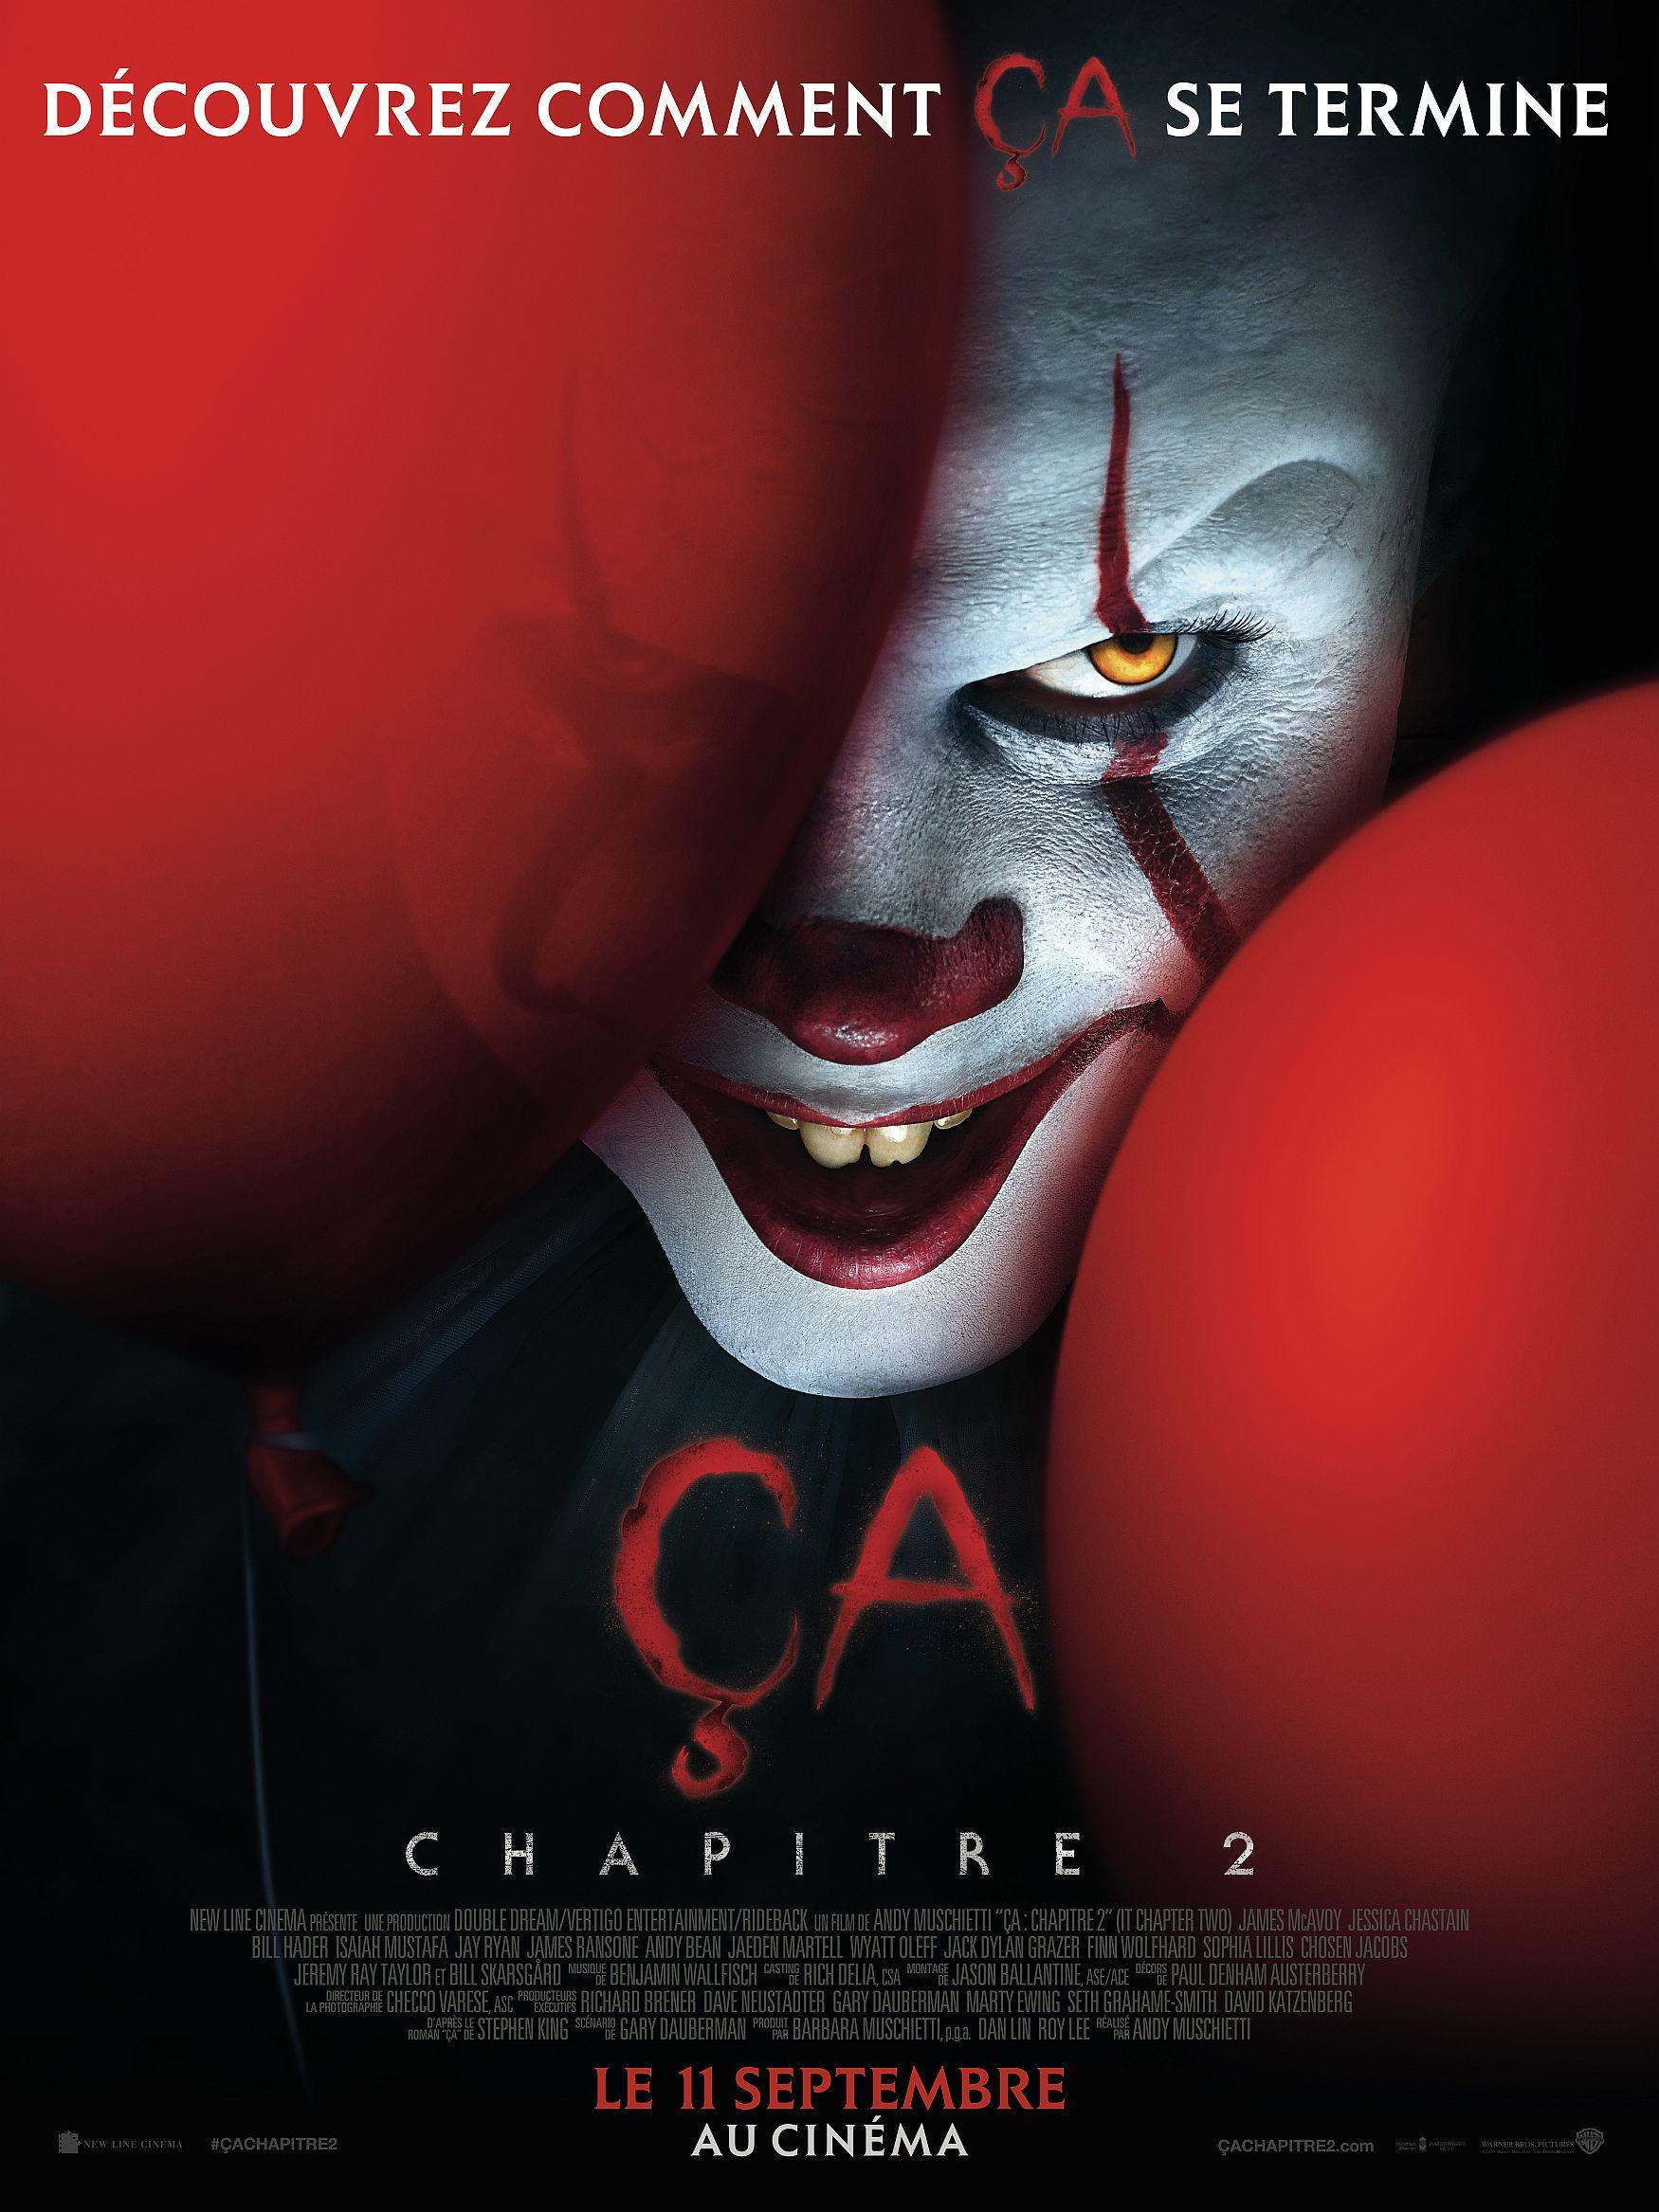 Ça : Chapitre 2 affiche critique avis film